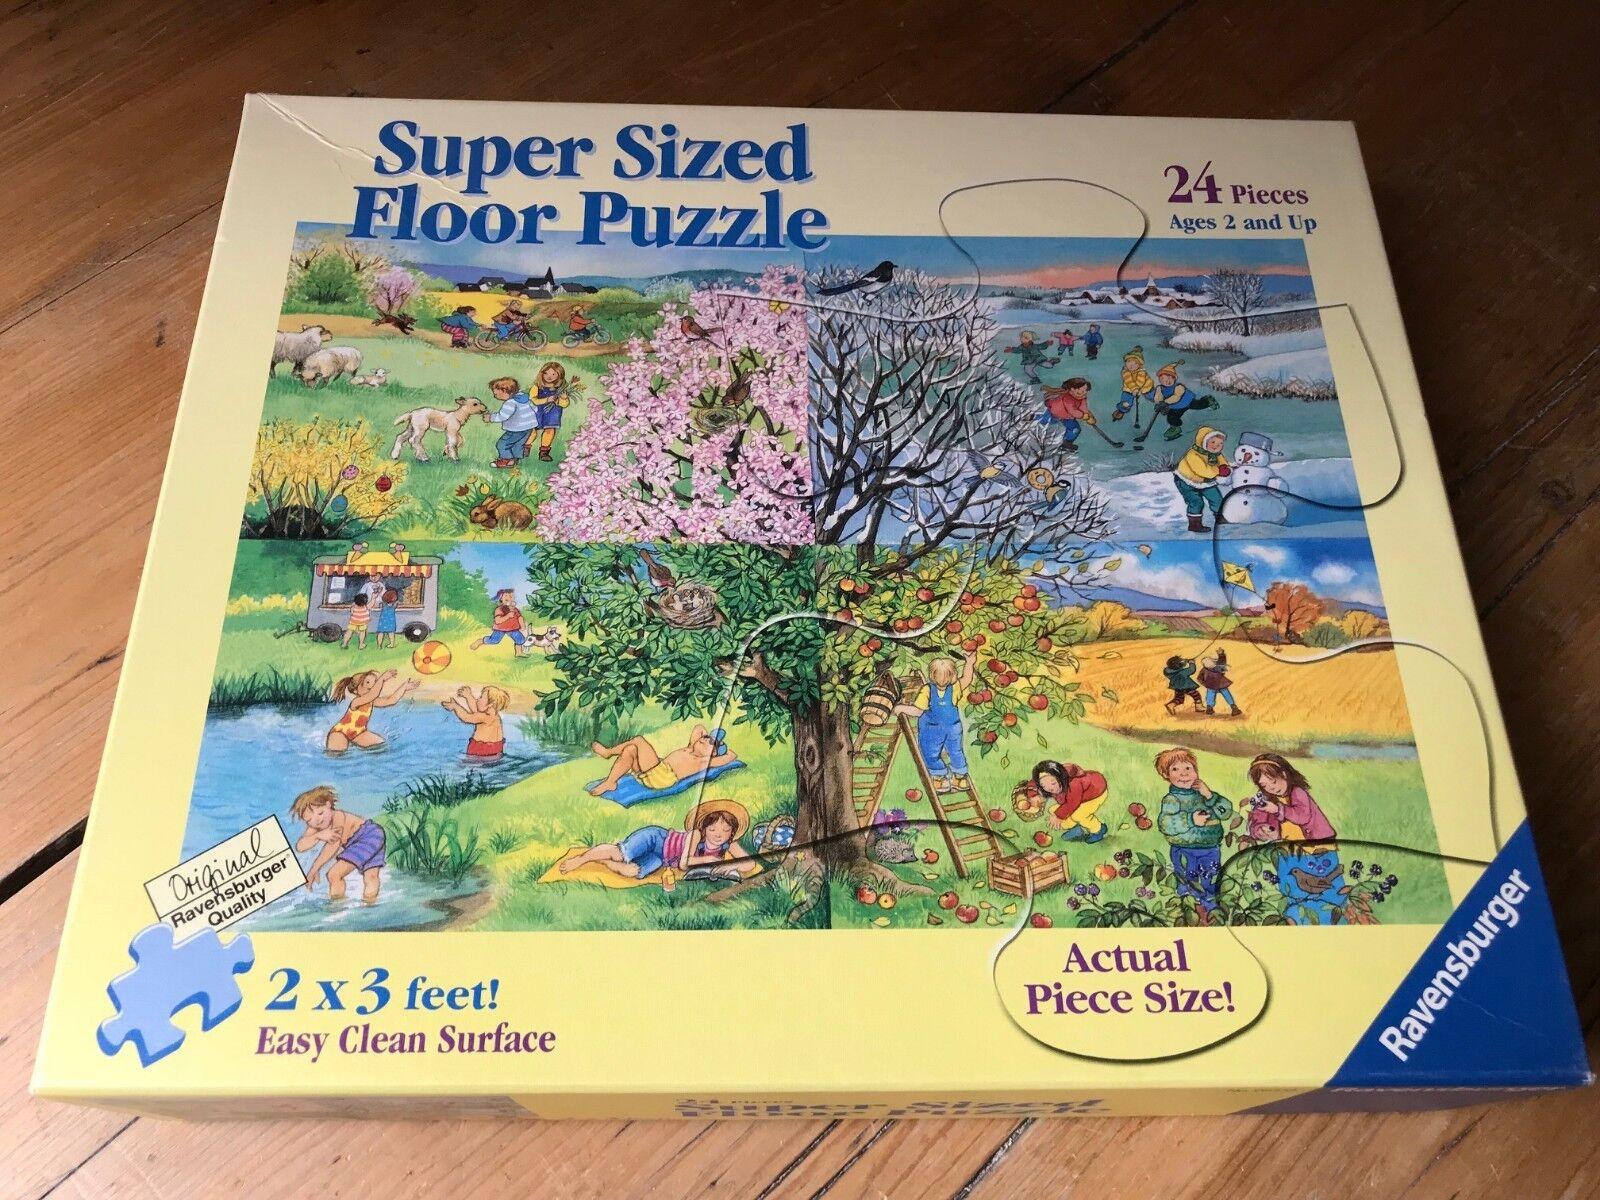 Ravensburger puzzle - knstlerin katrin lindley boden der vier jahreszeiten 2x3 meter 24pc